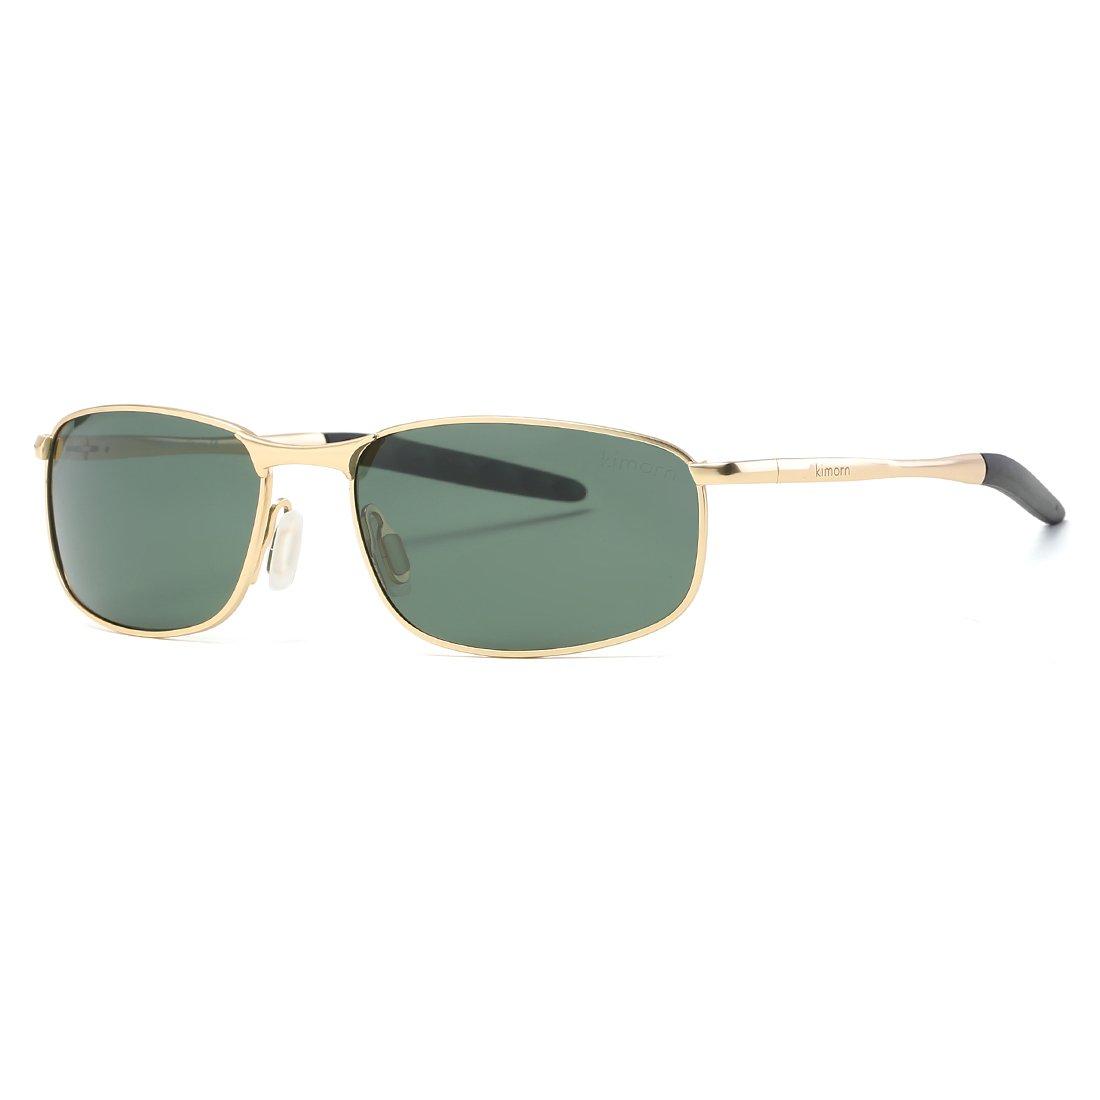 Kimorn Polarisierte Sonnenbrille Herren Rechteckig Metall Rahmen Unisex Gläser K0559 (Grau&Schwarz) sPWhQG1nLM